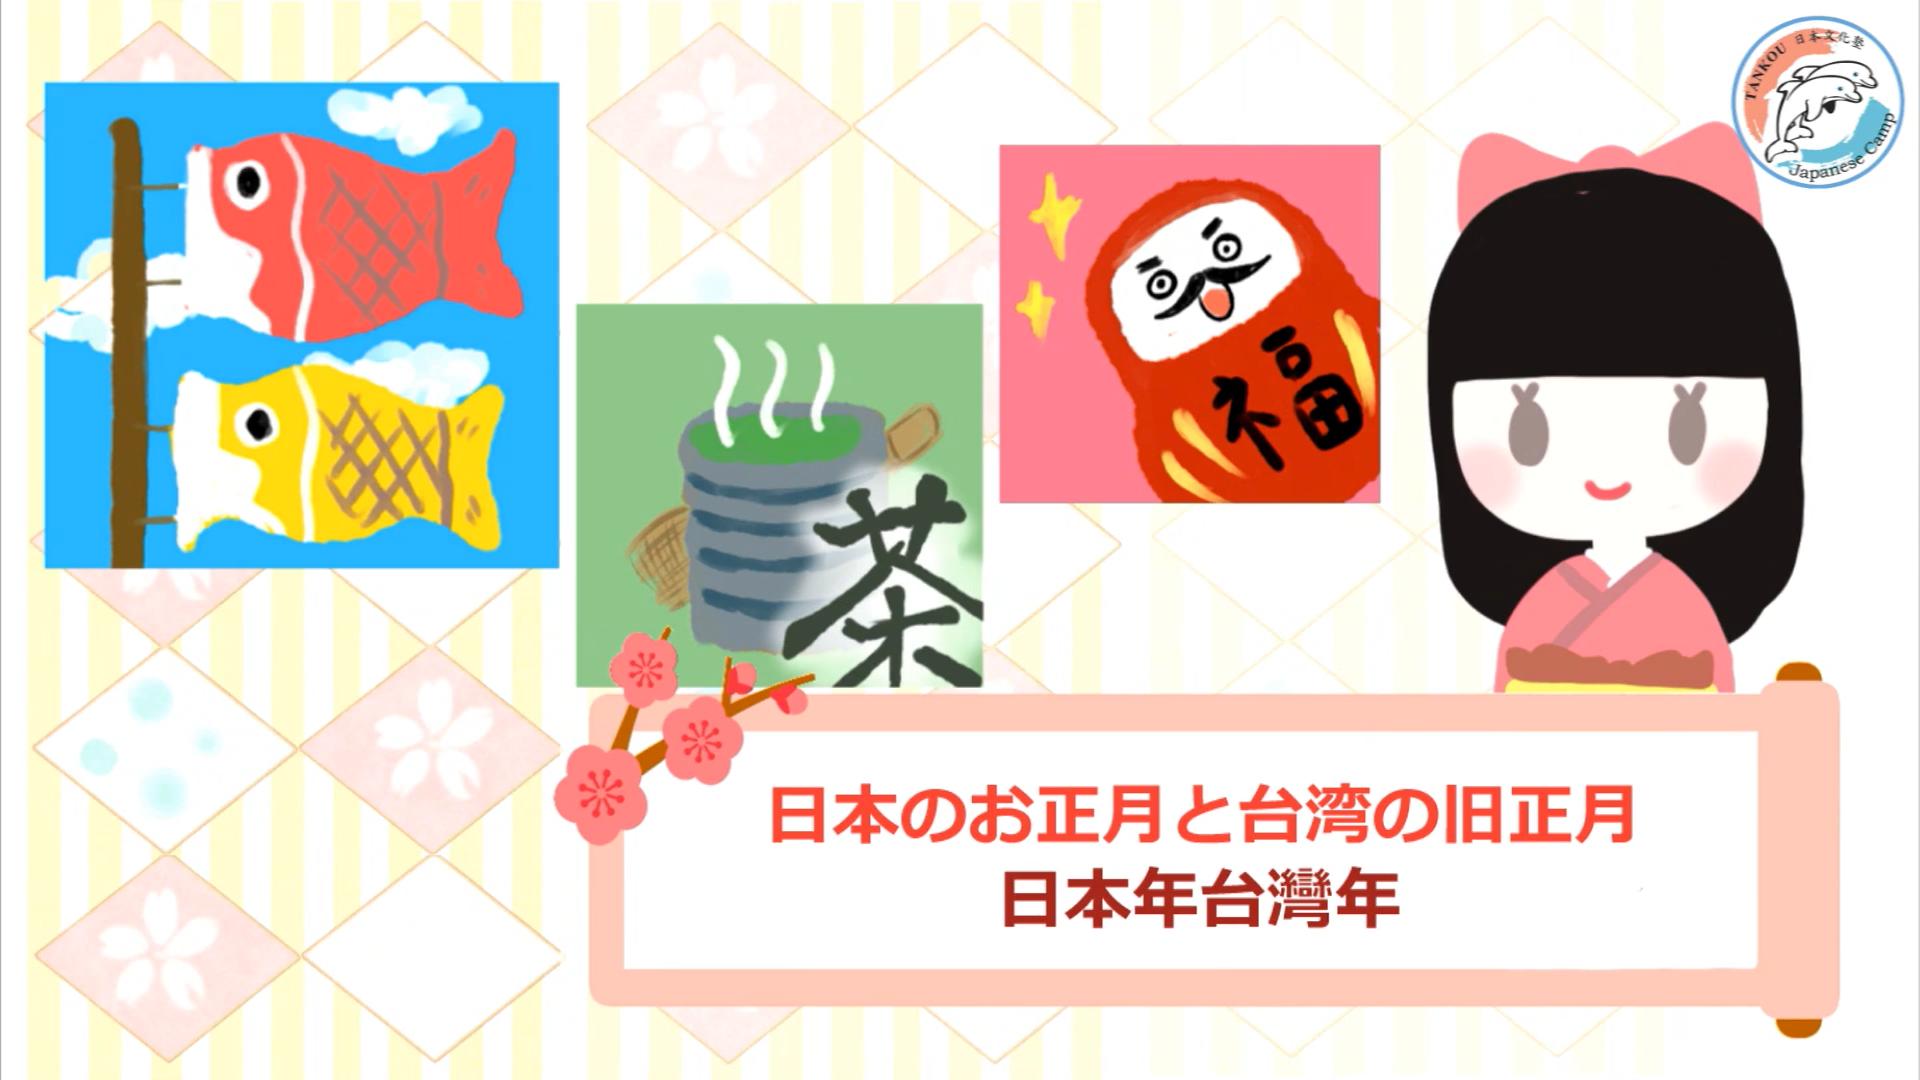 紙芝居-日本年台灣年(日本のお正月と台湾の旧正月)中文版